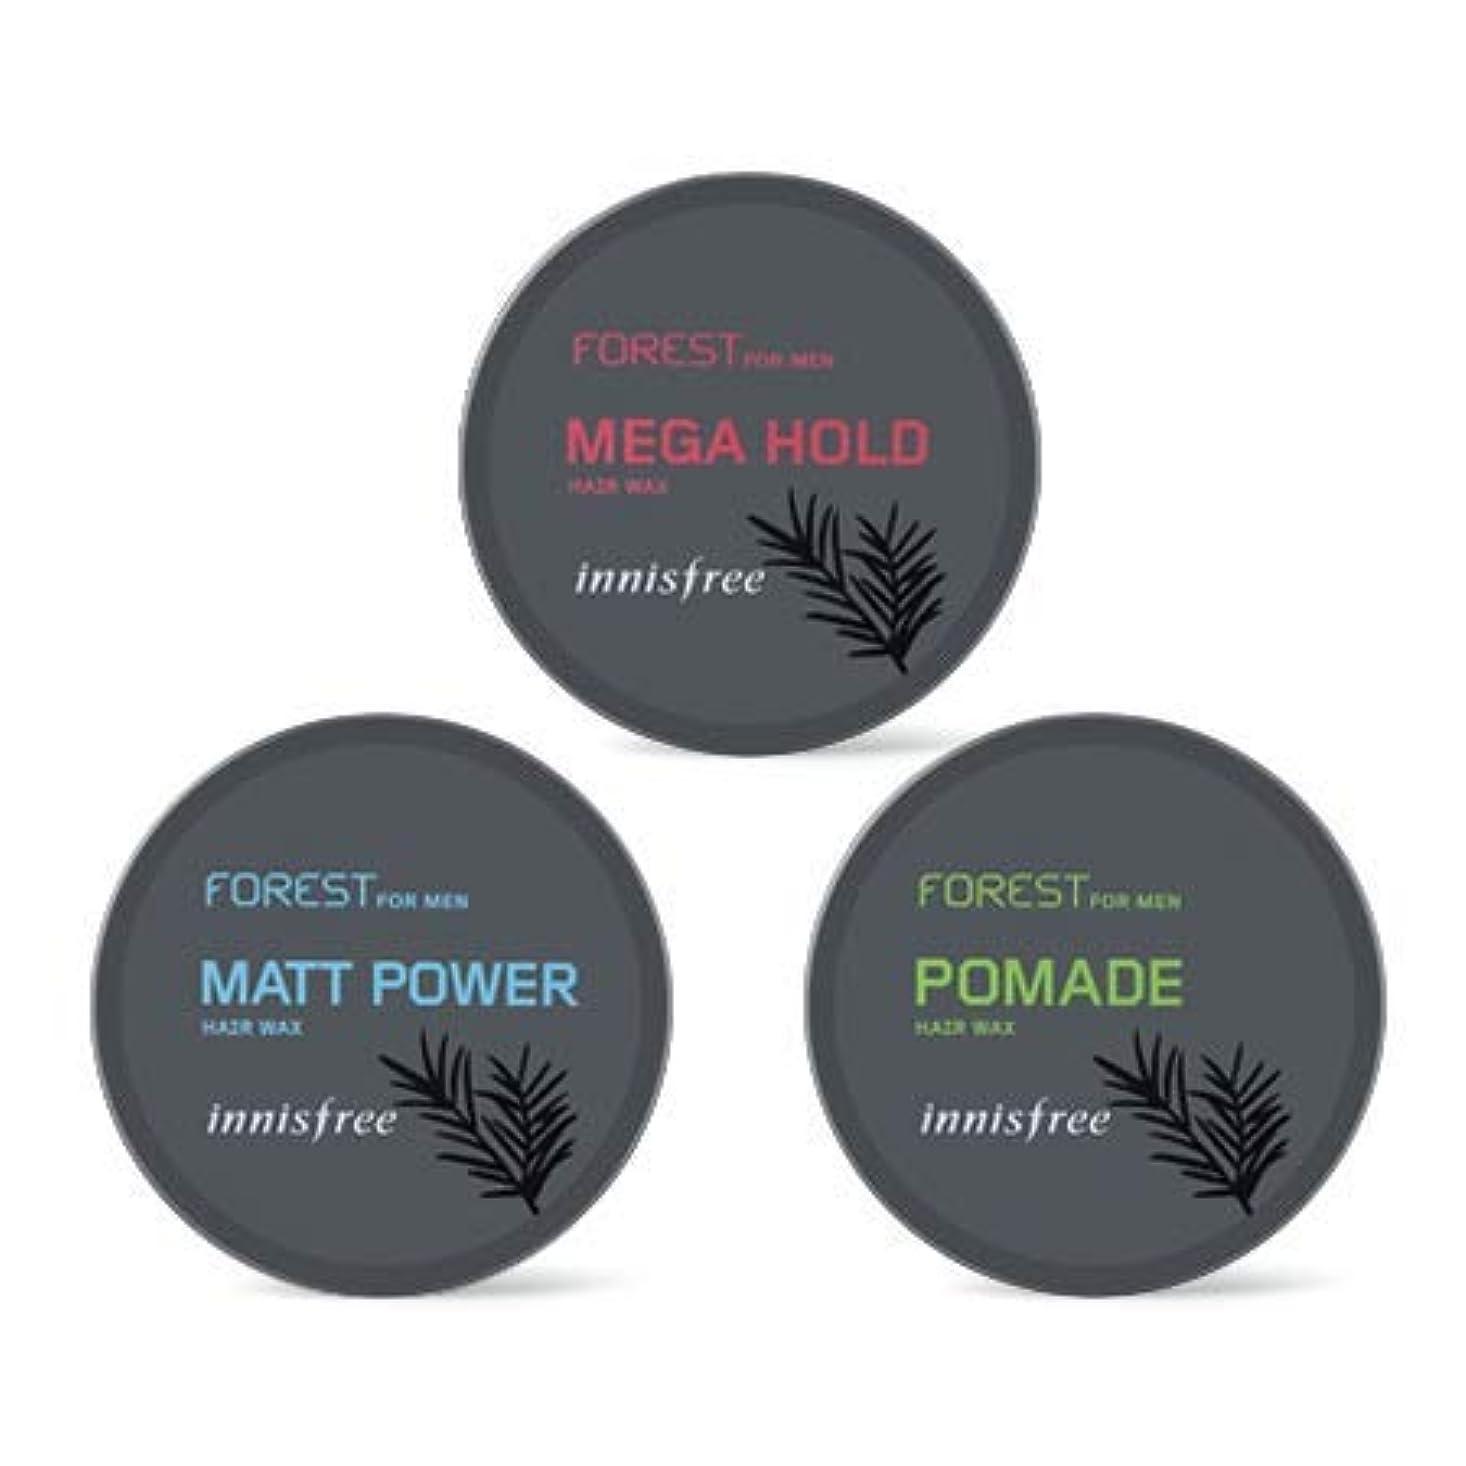 雪だるまを作る開始おなかがすいた[イニスフリー.INNISFREE](公式)フォレストフォアマンヘアワックス(3種)/ Forest For Men Hair Wax(60G、3 kind) (# mega hold)